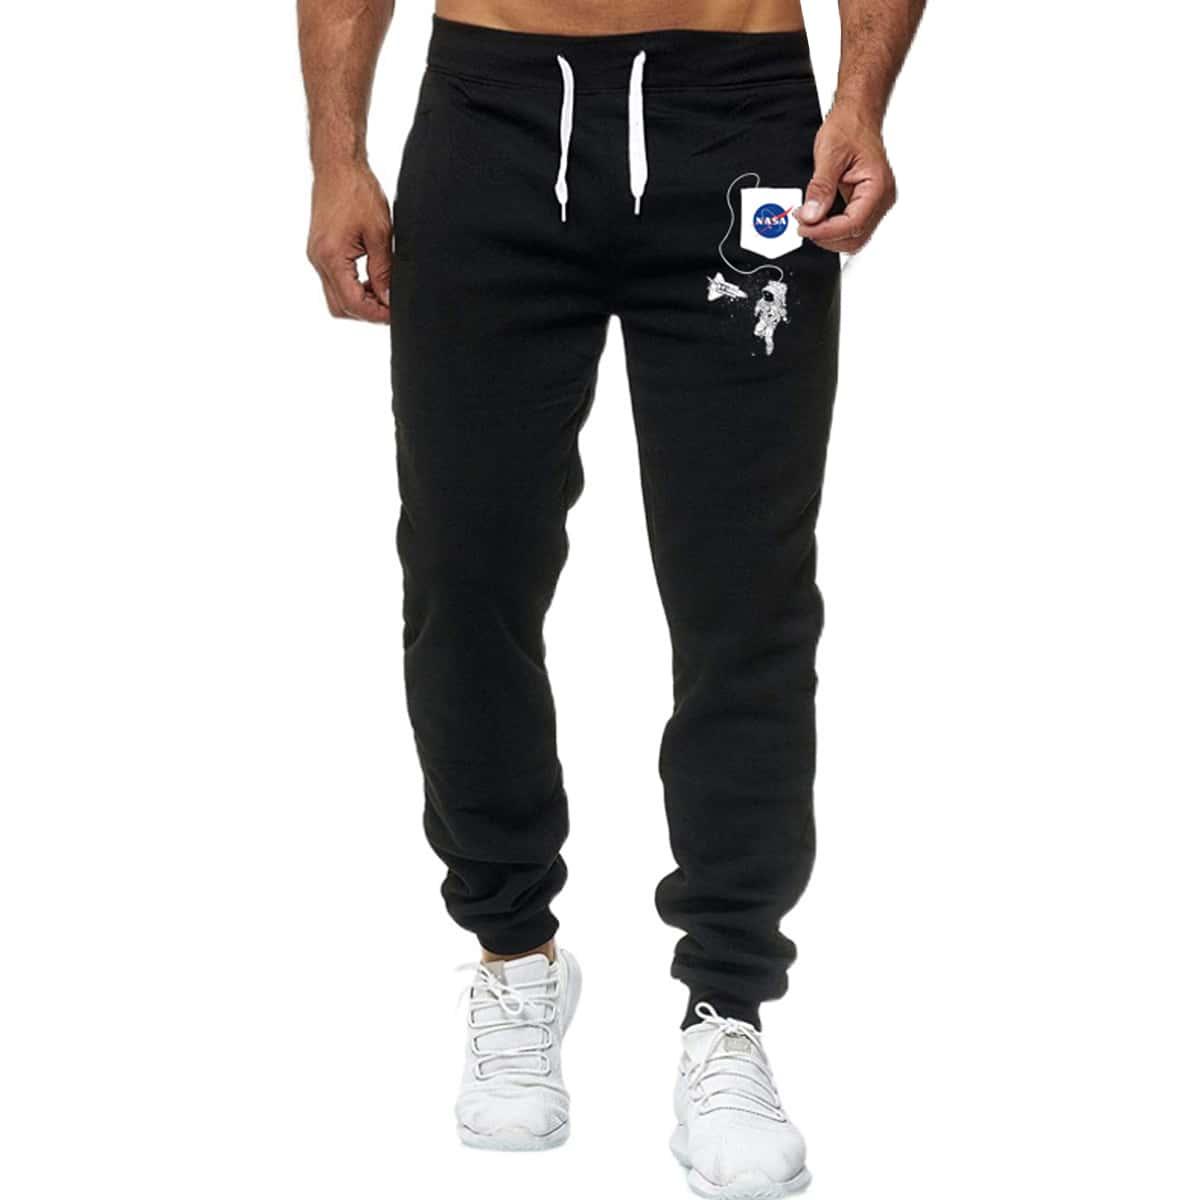 Мужские спортивные брюки на кулиске с текстовым принтом